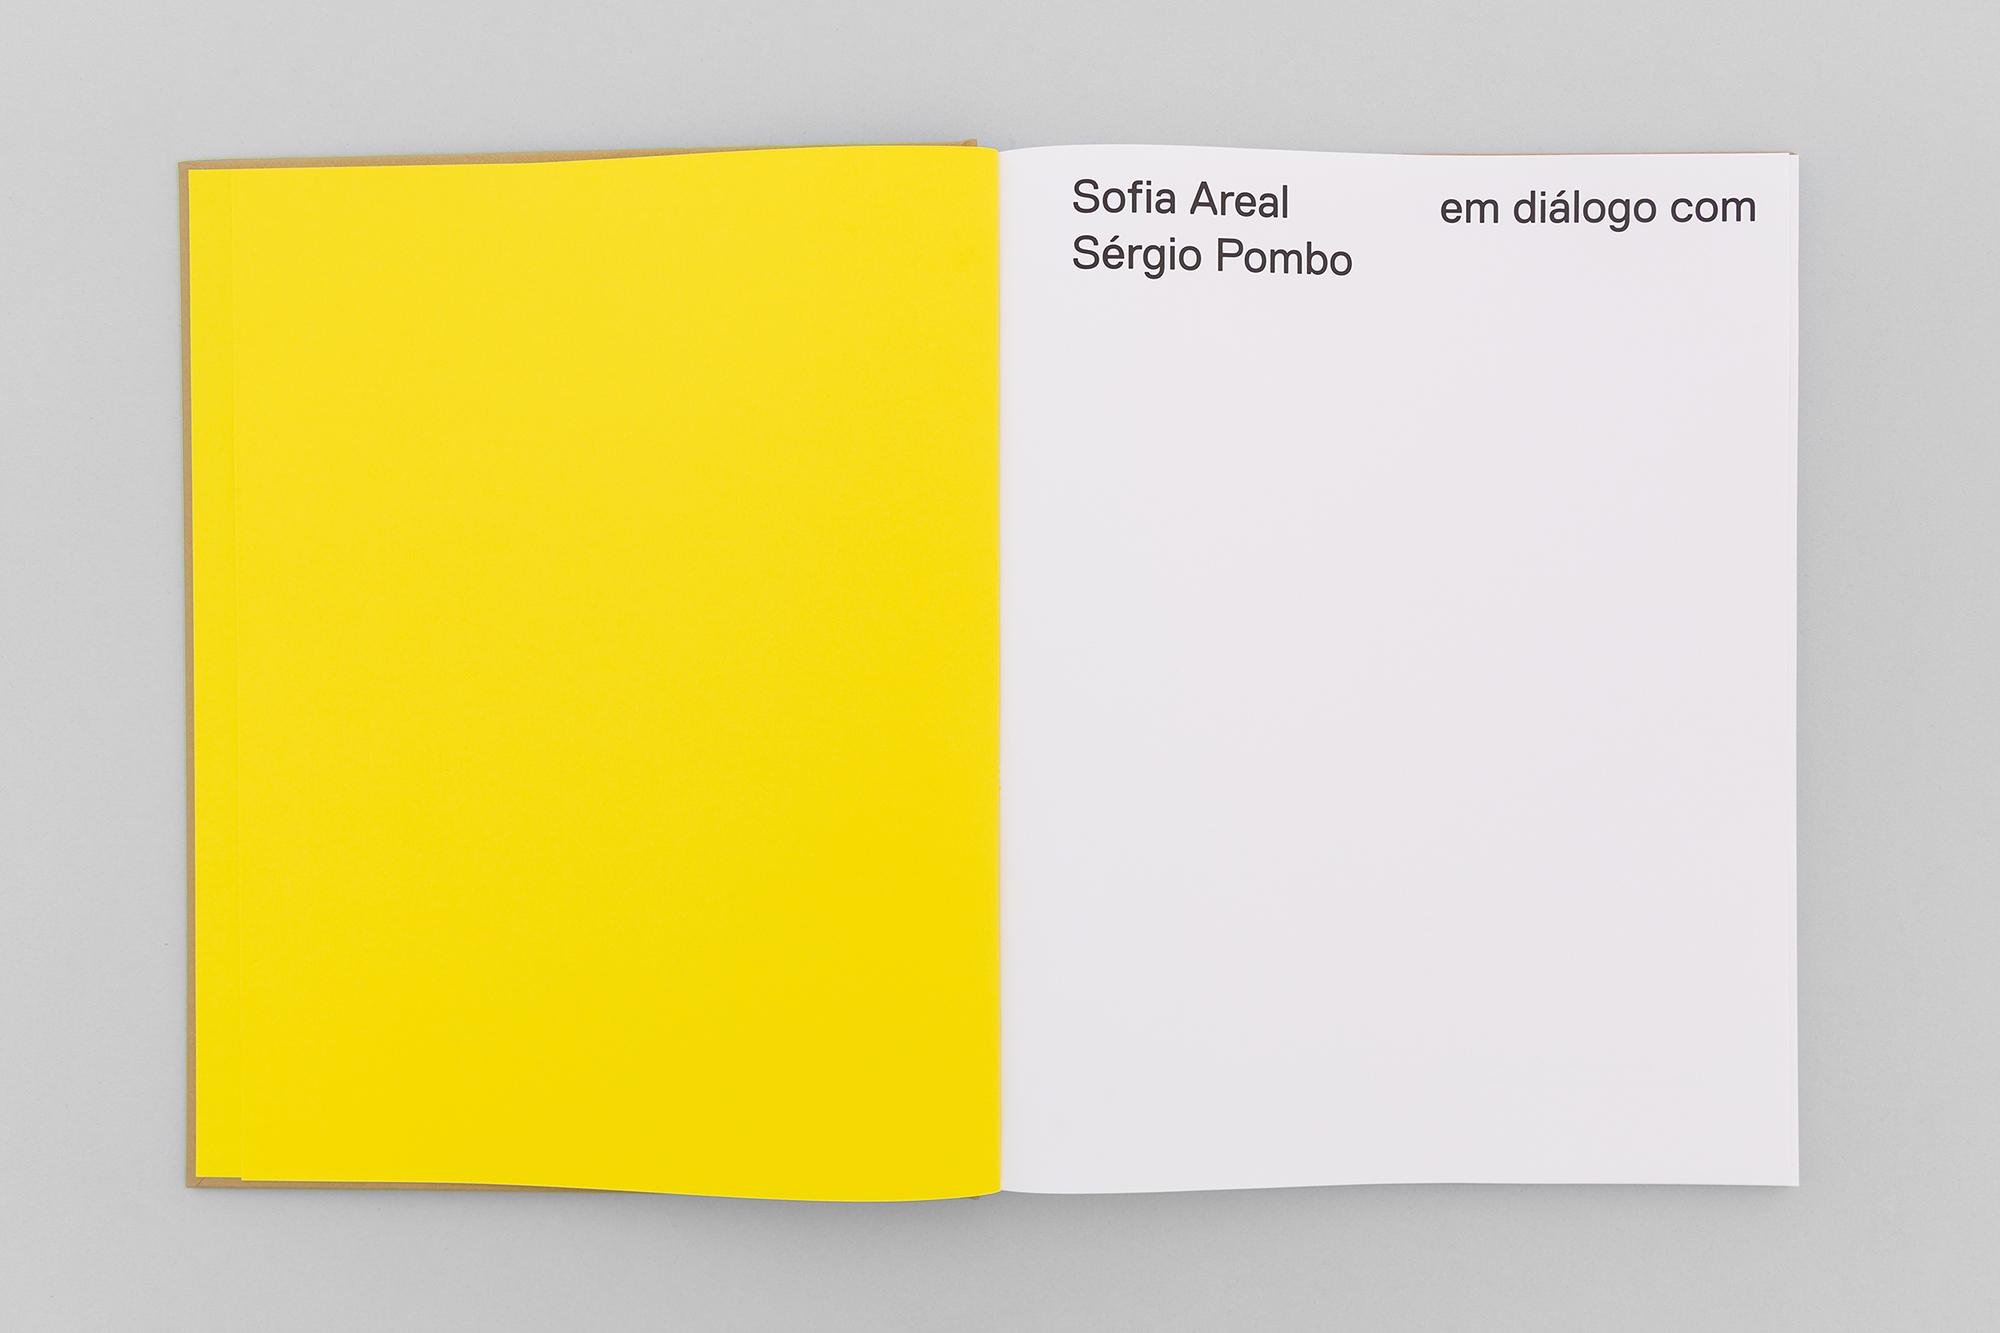 João M. Machado – Museu da Guarda – Sofia Areal em diálogo com Sérgio Pombo (2 of 6)